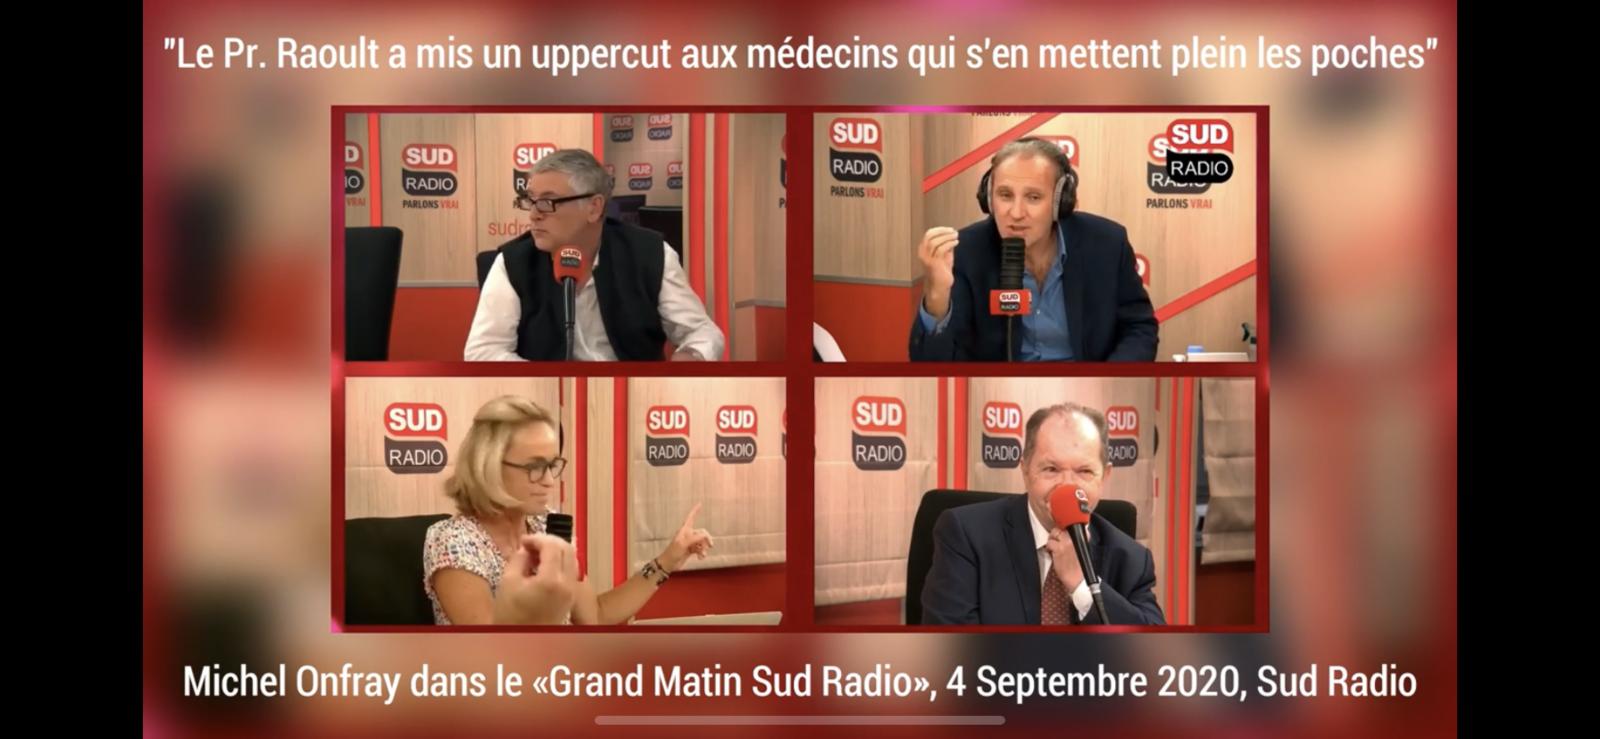 Michel Onfray - La Grande Matinale de Sud Radio (Sud Radio) - 04.09.2020